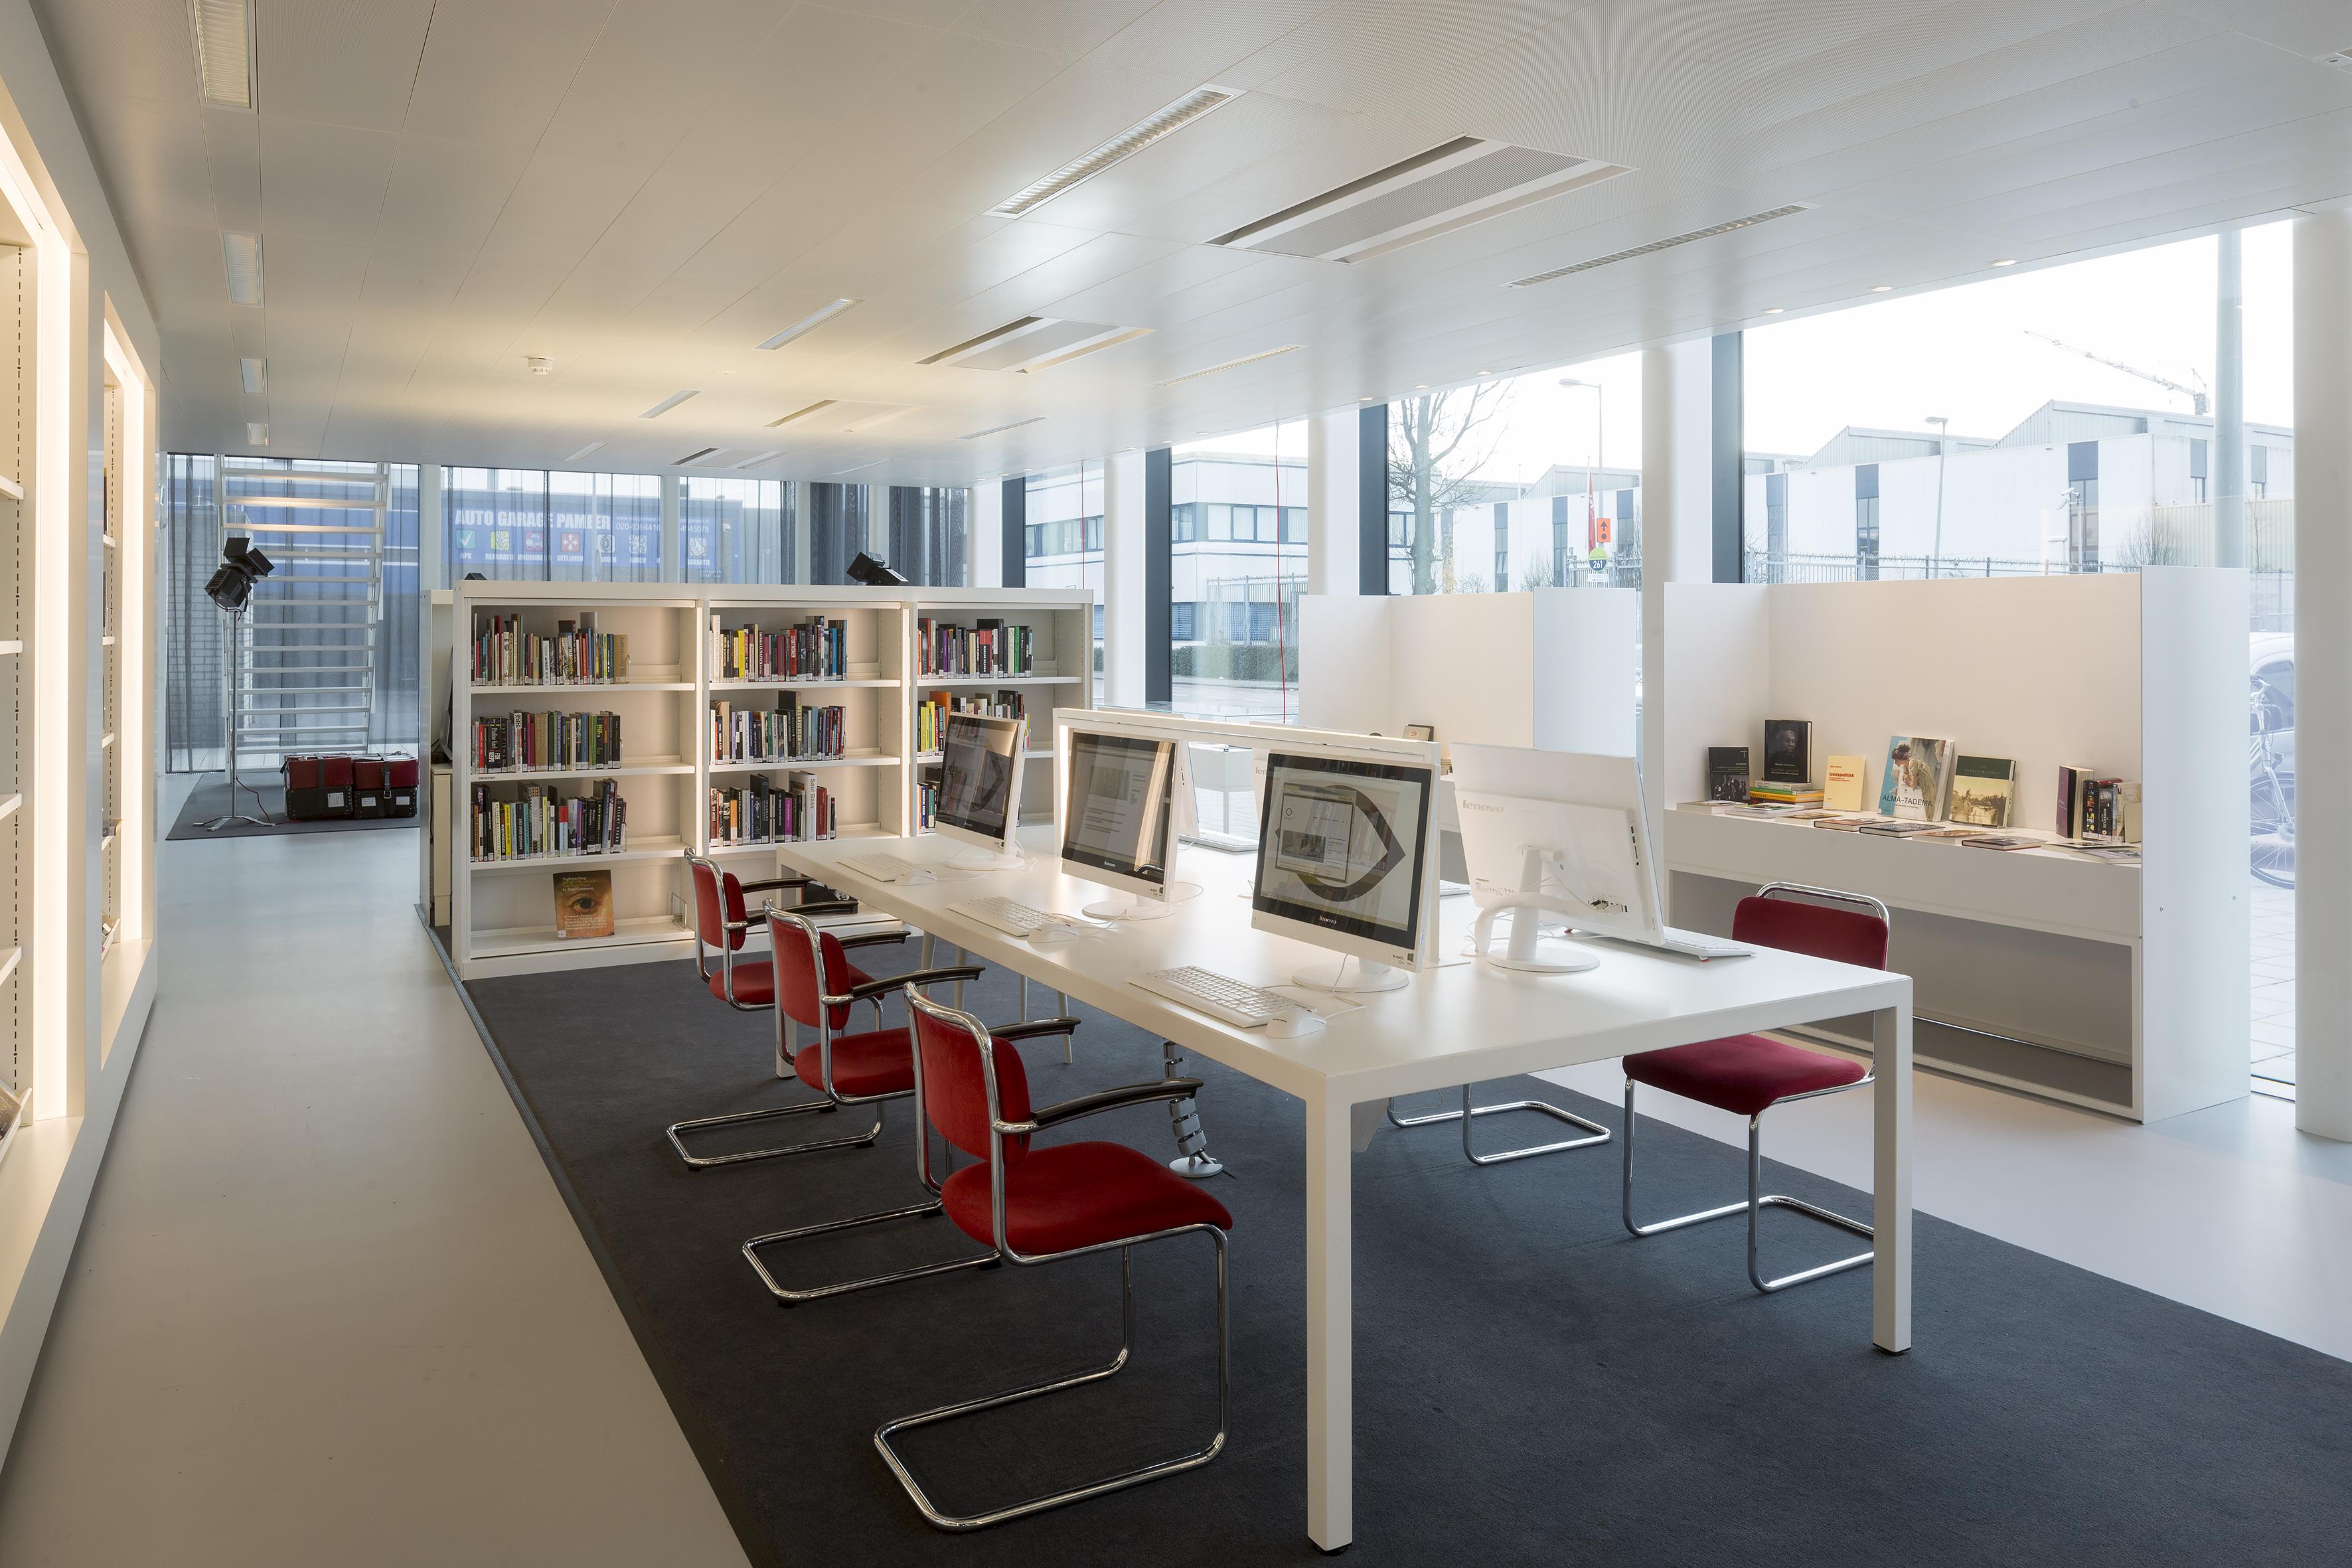 <p>Bibliotheek met werkplekken, waar meer dan 9000 digitaliseerde films, foto's, stills en posters uit de collectie zijn te bekijken. Foto: Luuk Kramer</p>